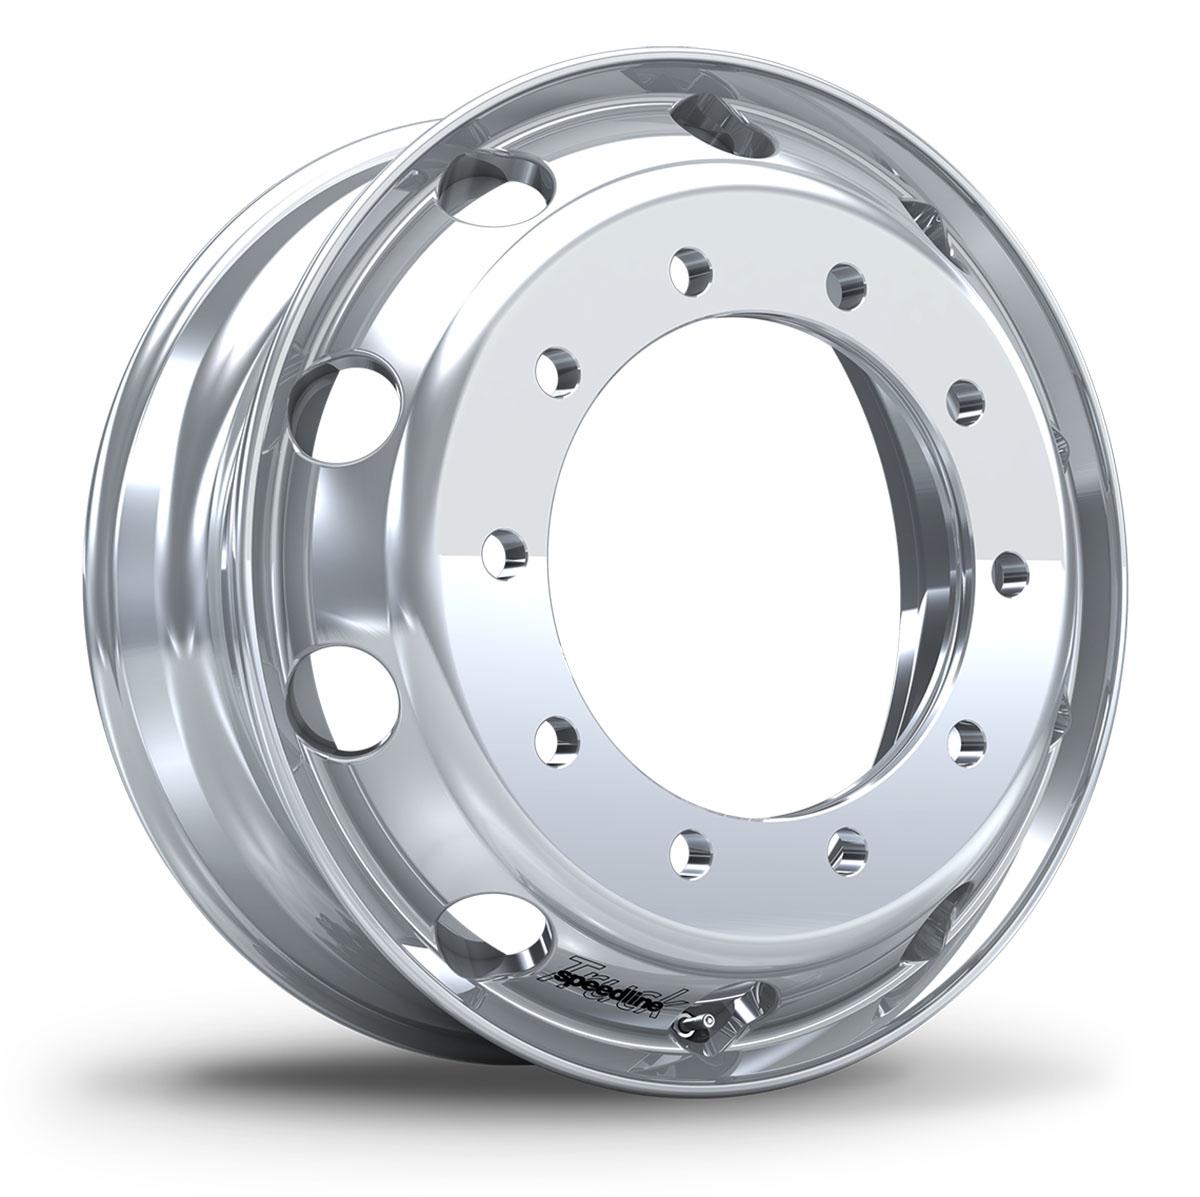 New Speedline SLT 3698 truck wheel